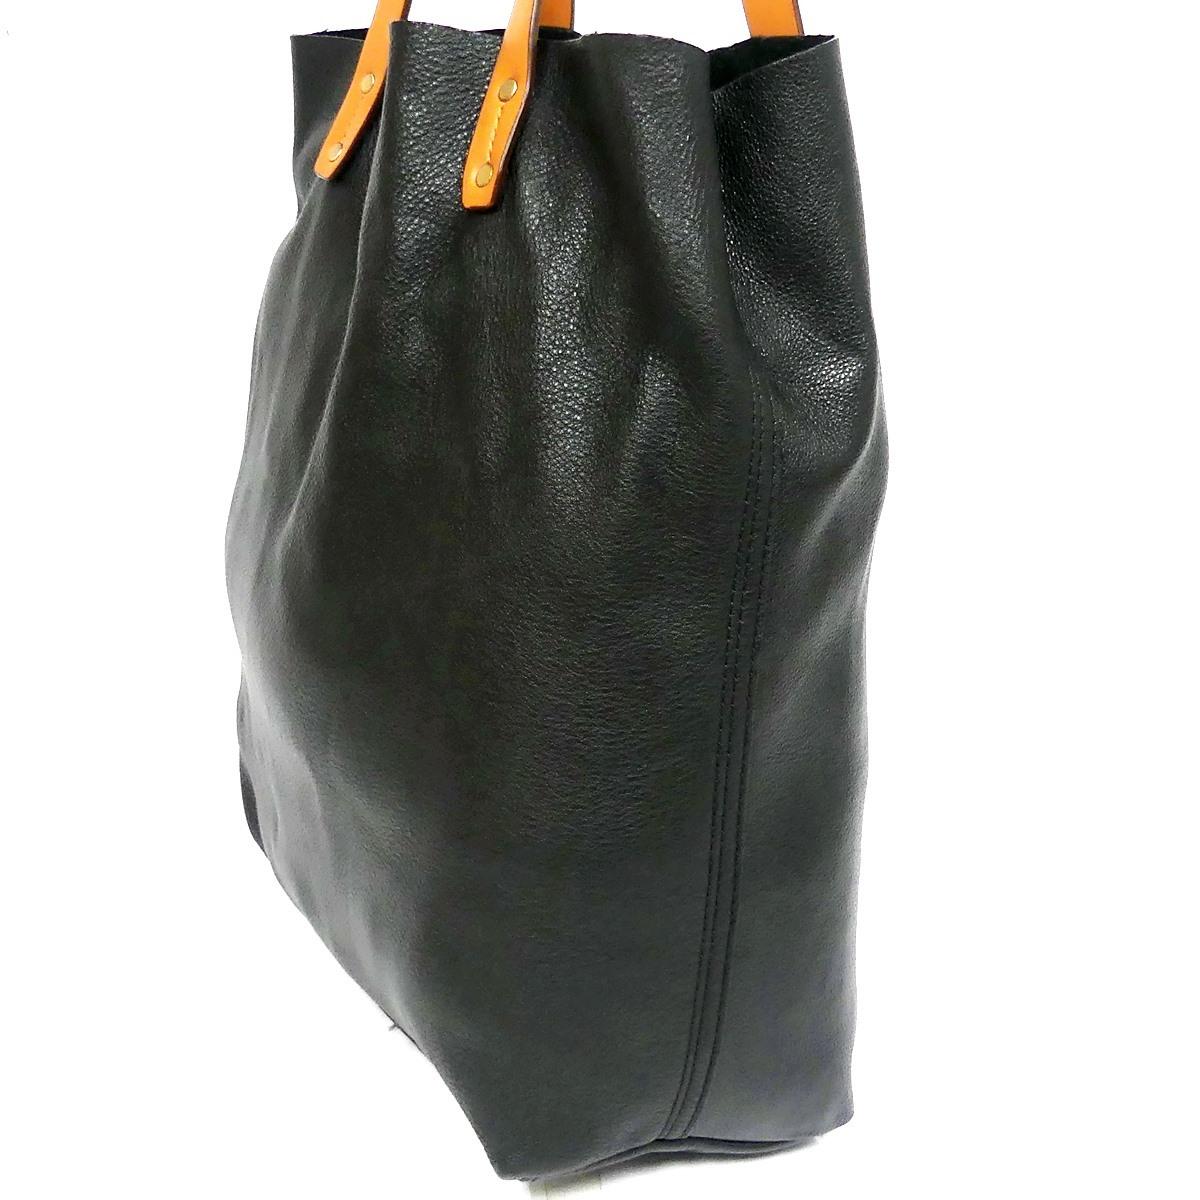 即決★GAP★オールレザートートバッグ ギャップ メンズ 黒 本革 ハンドバッグ 本皮 かばん 通勤 トラベル 出張 手提げバッグ 鞄 レディース_画像5